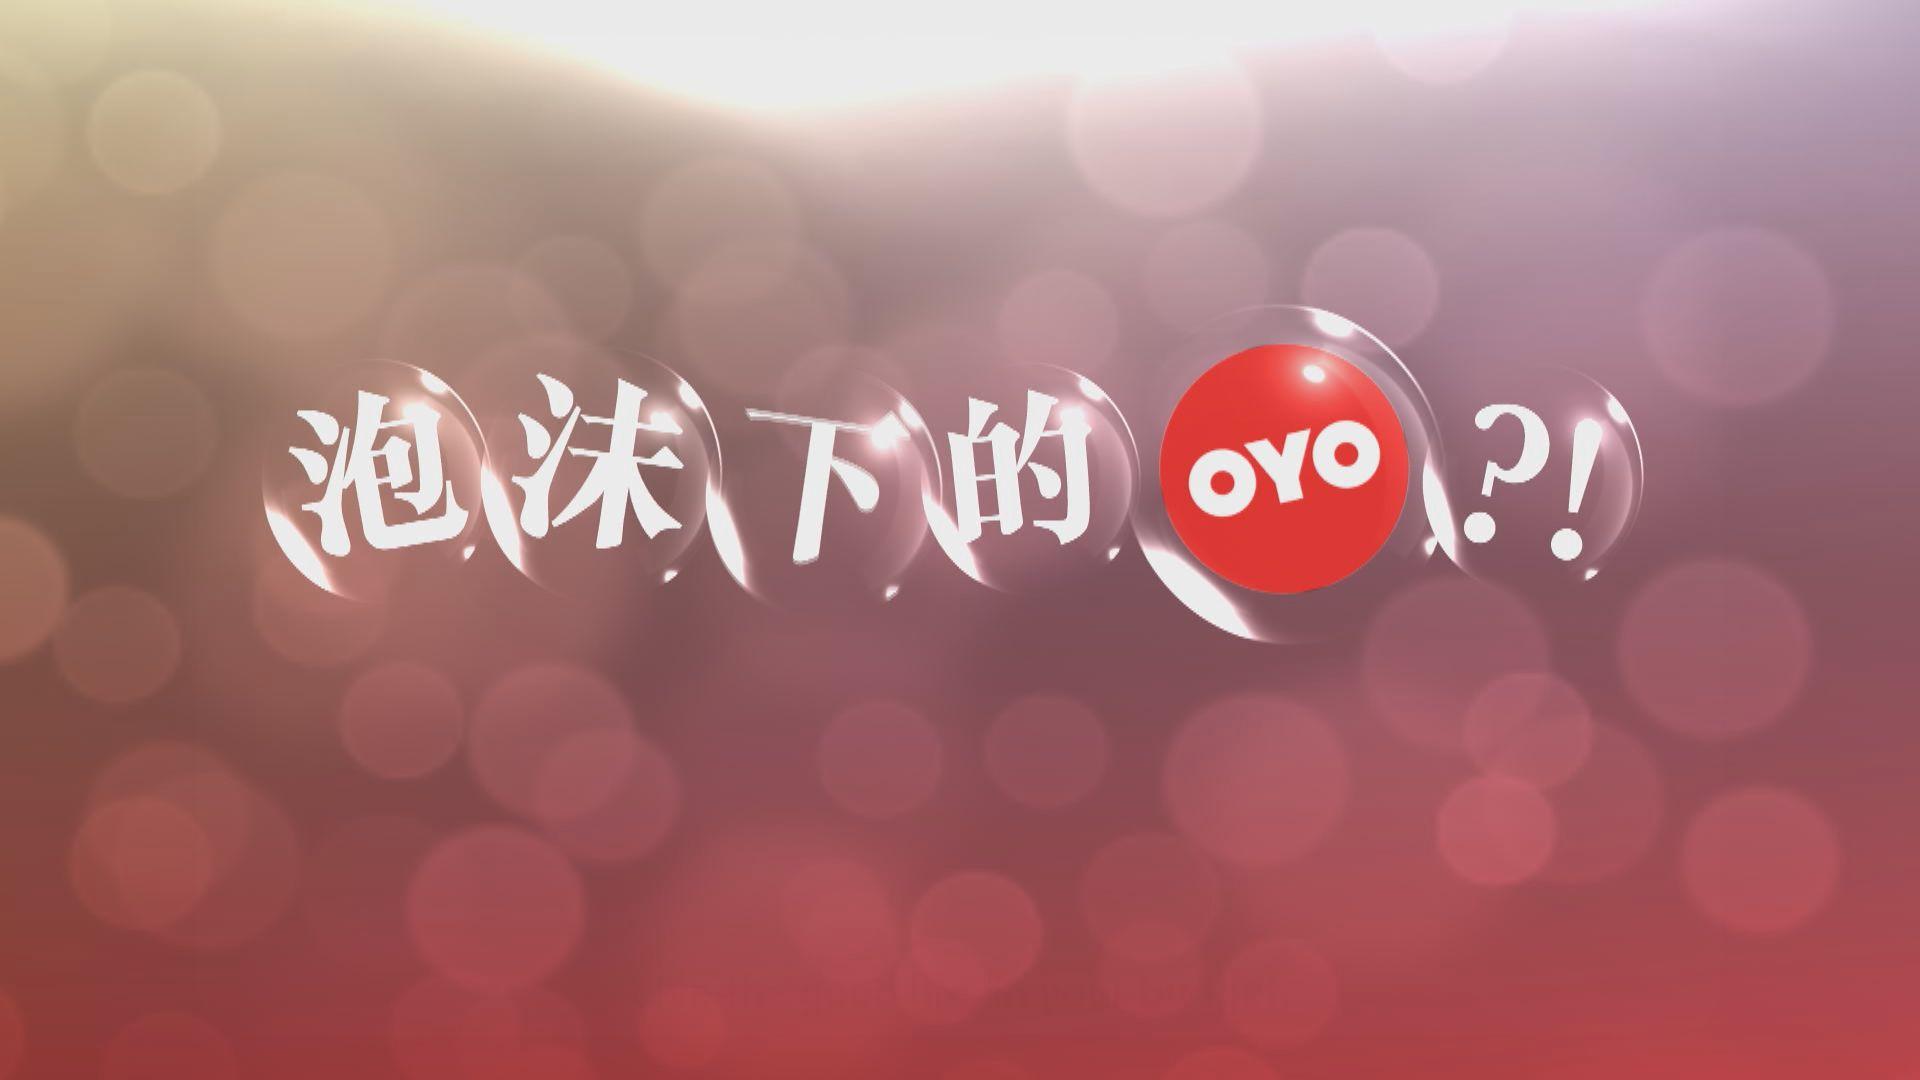 【新聞智庫】廉價酒店OYO急擴展 是未來酒店一哥或是泡沬?